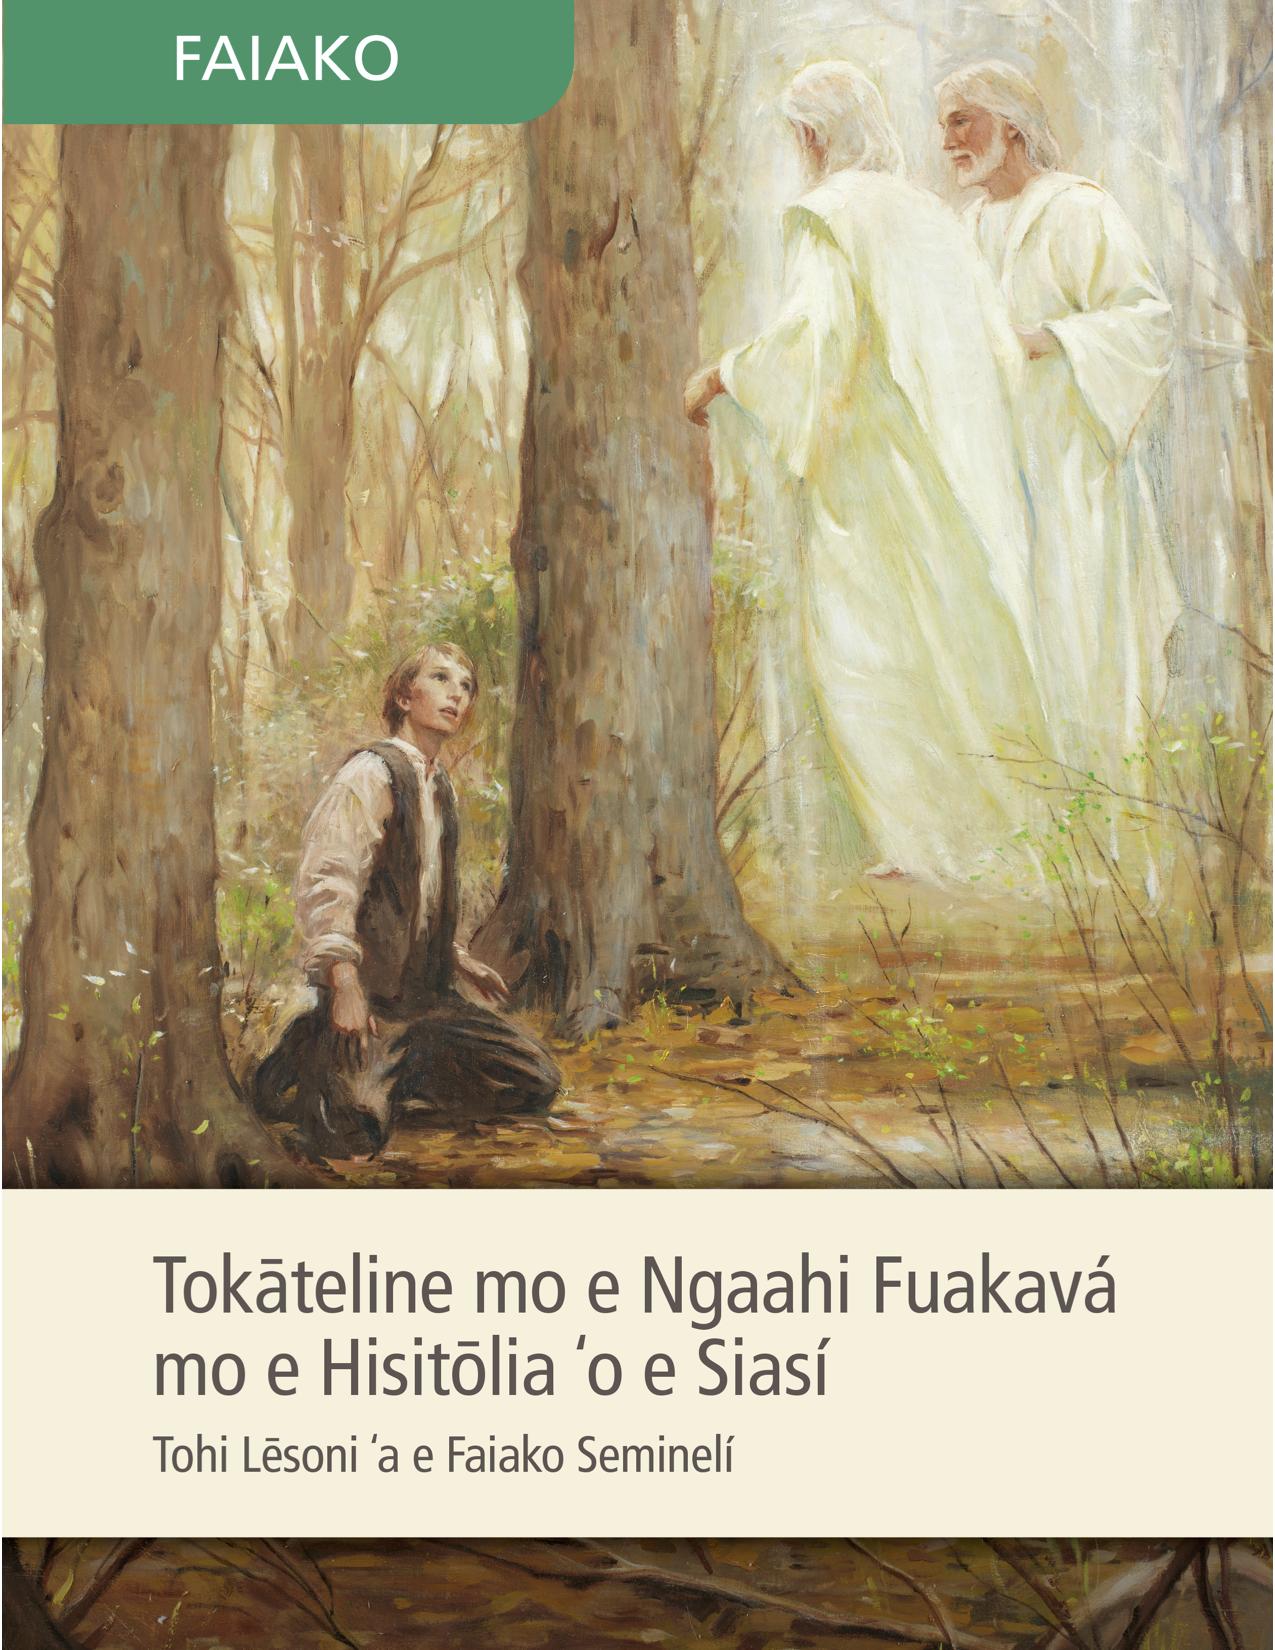 Tohi Lēsoni ʻa e Faiako Seminelí ʻi he Tokāteline mo e Ngaahi Fuakavá pea mo e Hisitōlia ʻo e Siasí